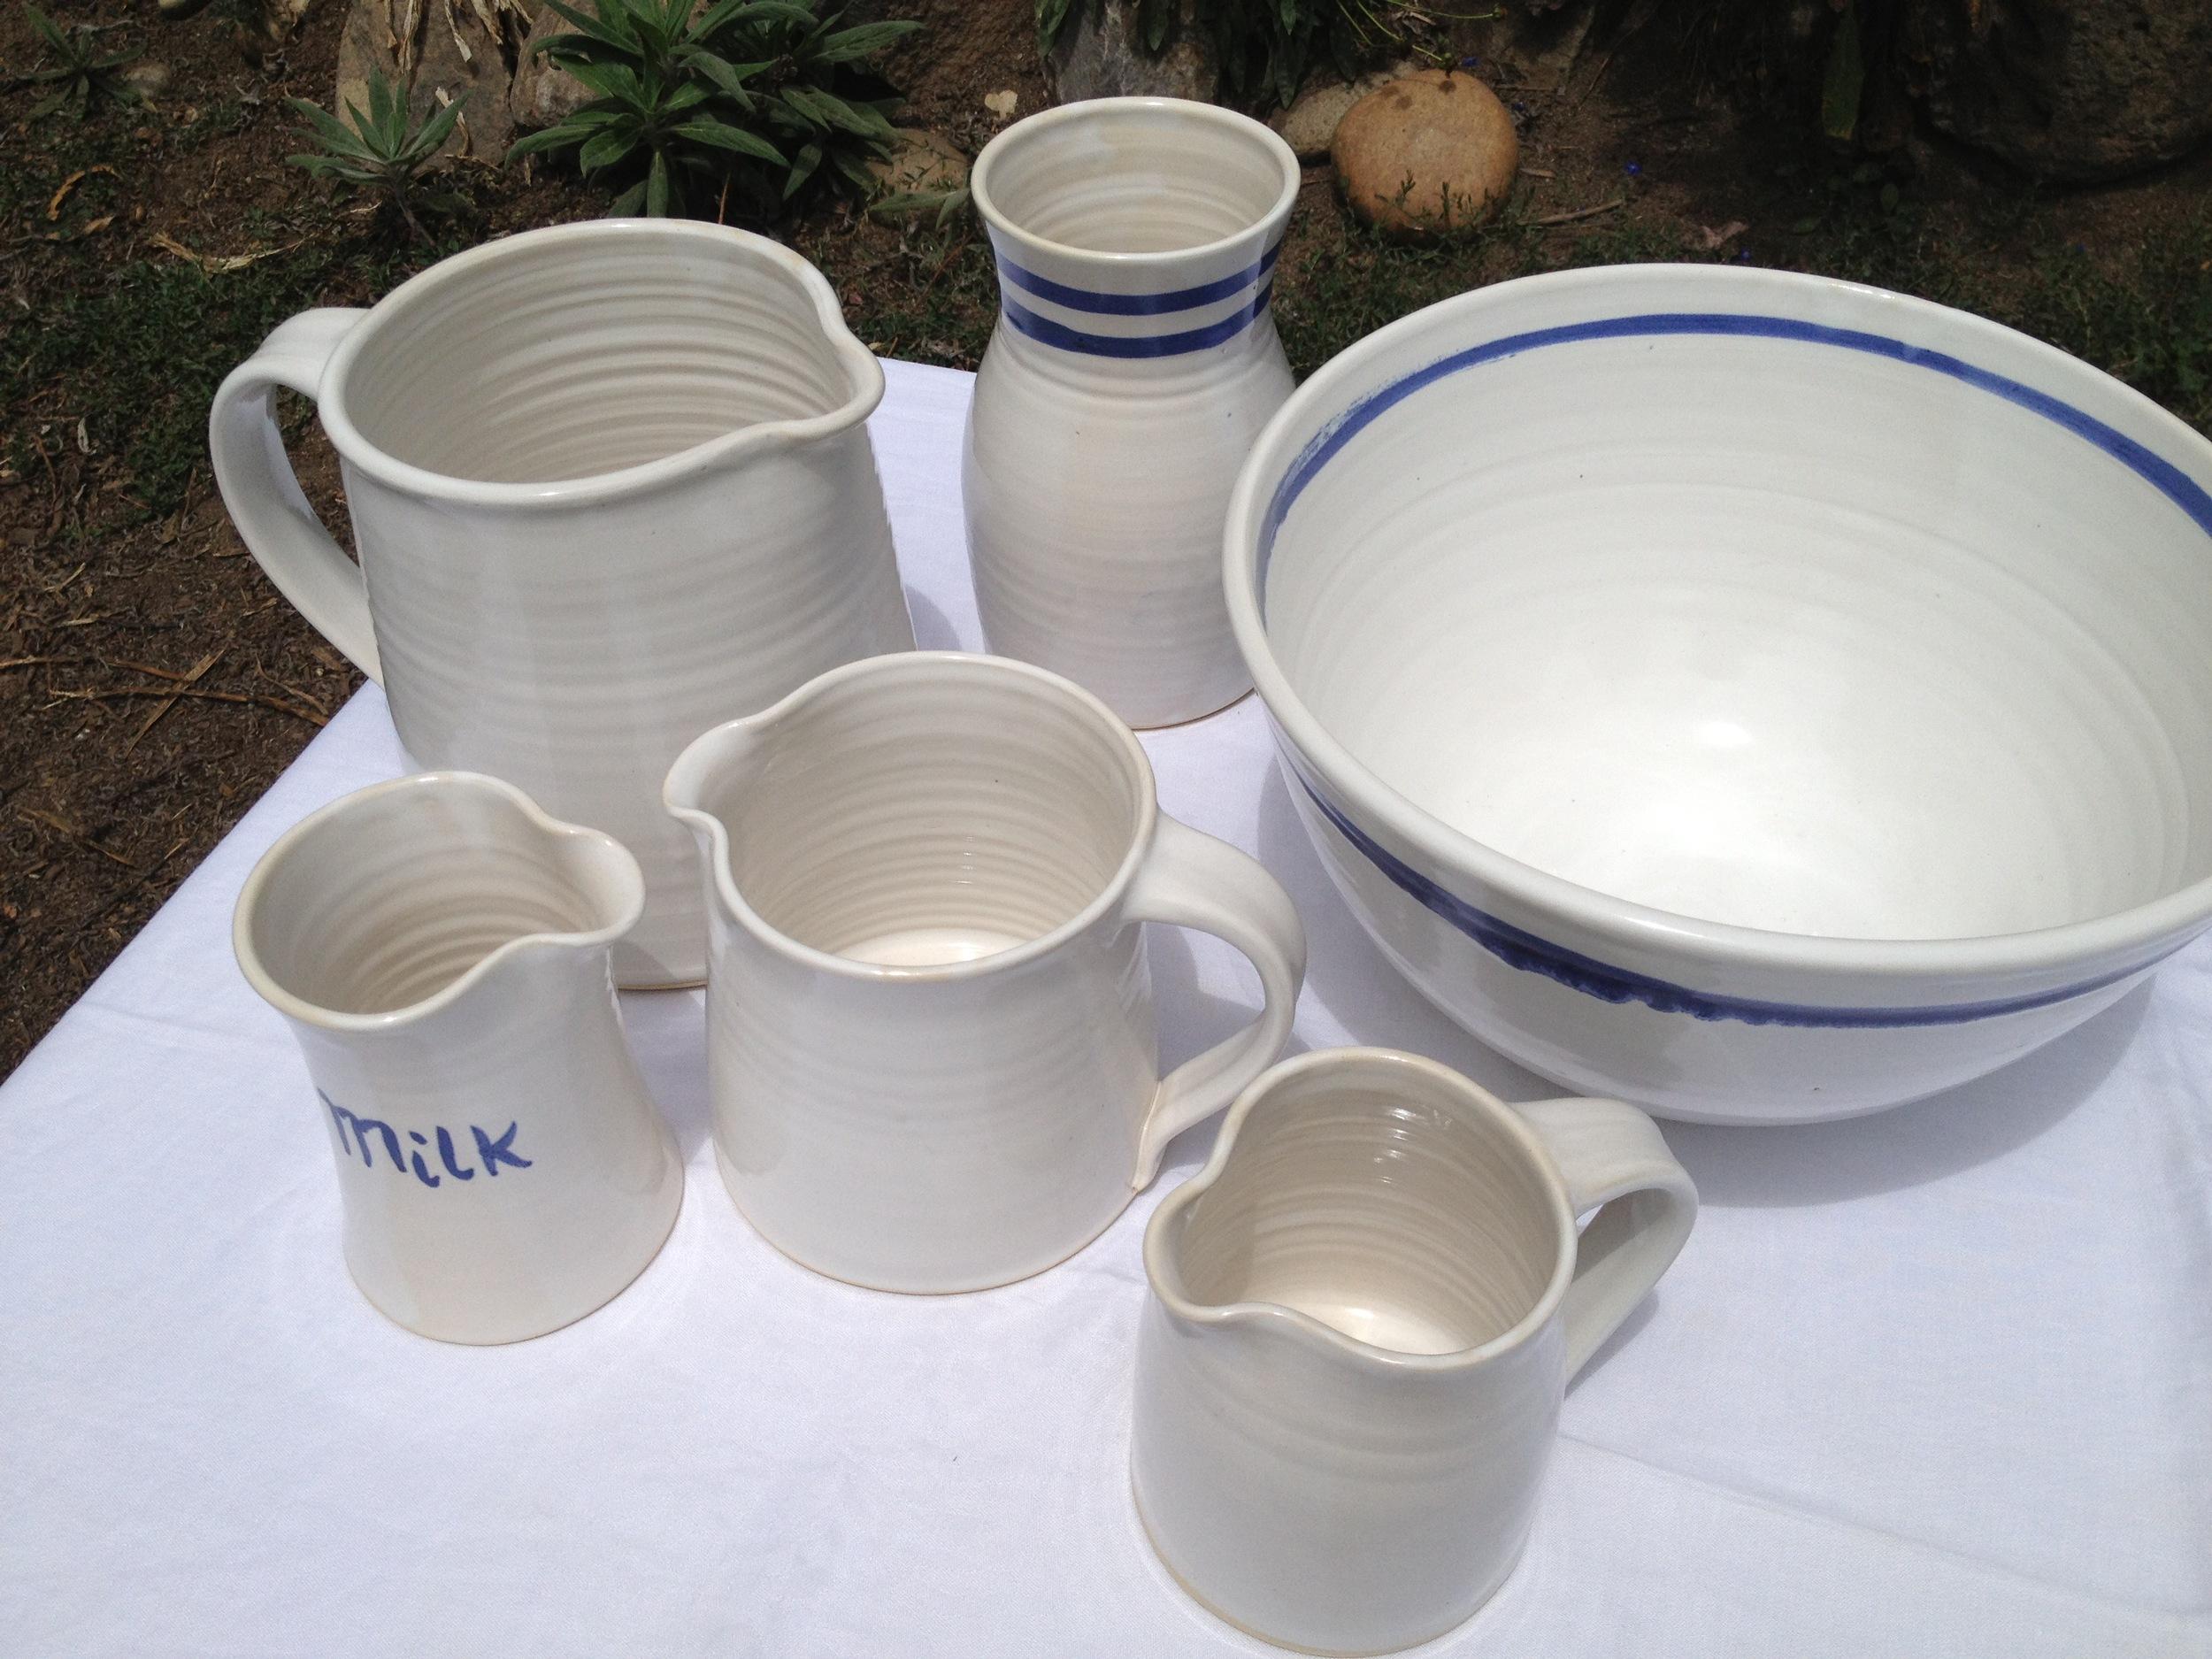 Hand-painted whiteware